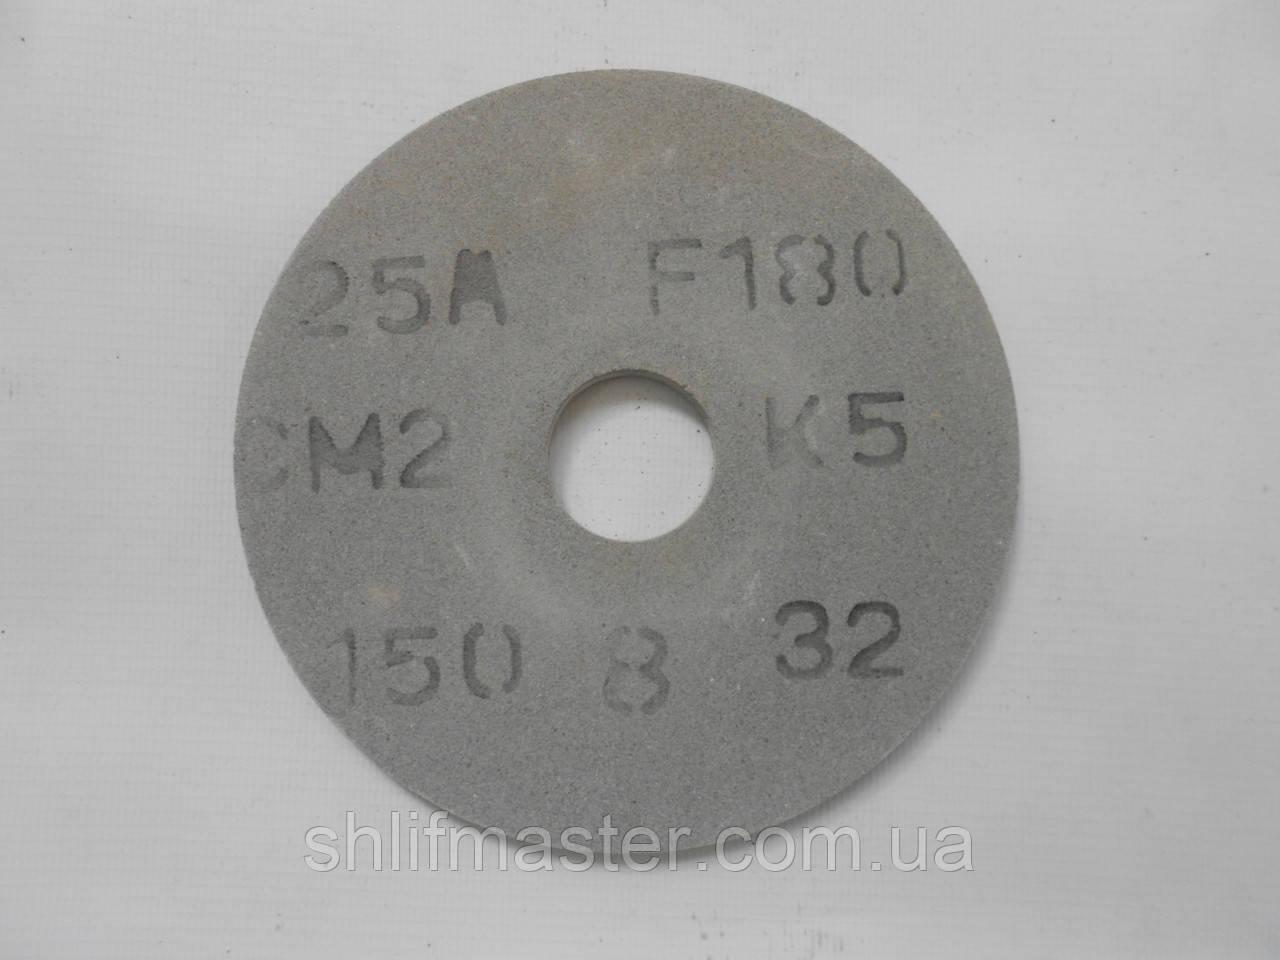 Круг для заточки пил 3П 25А 150х8х32 6 СМ